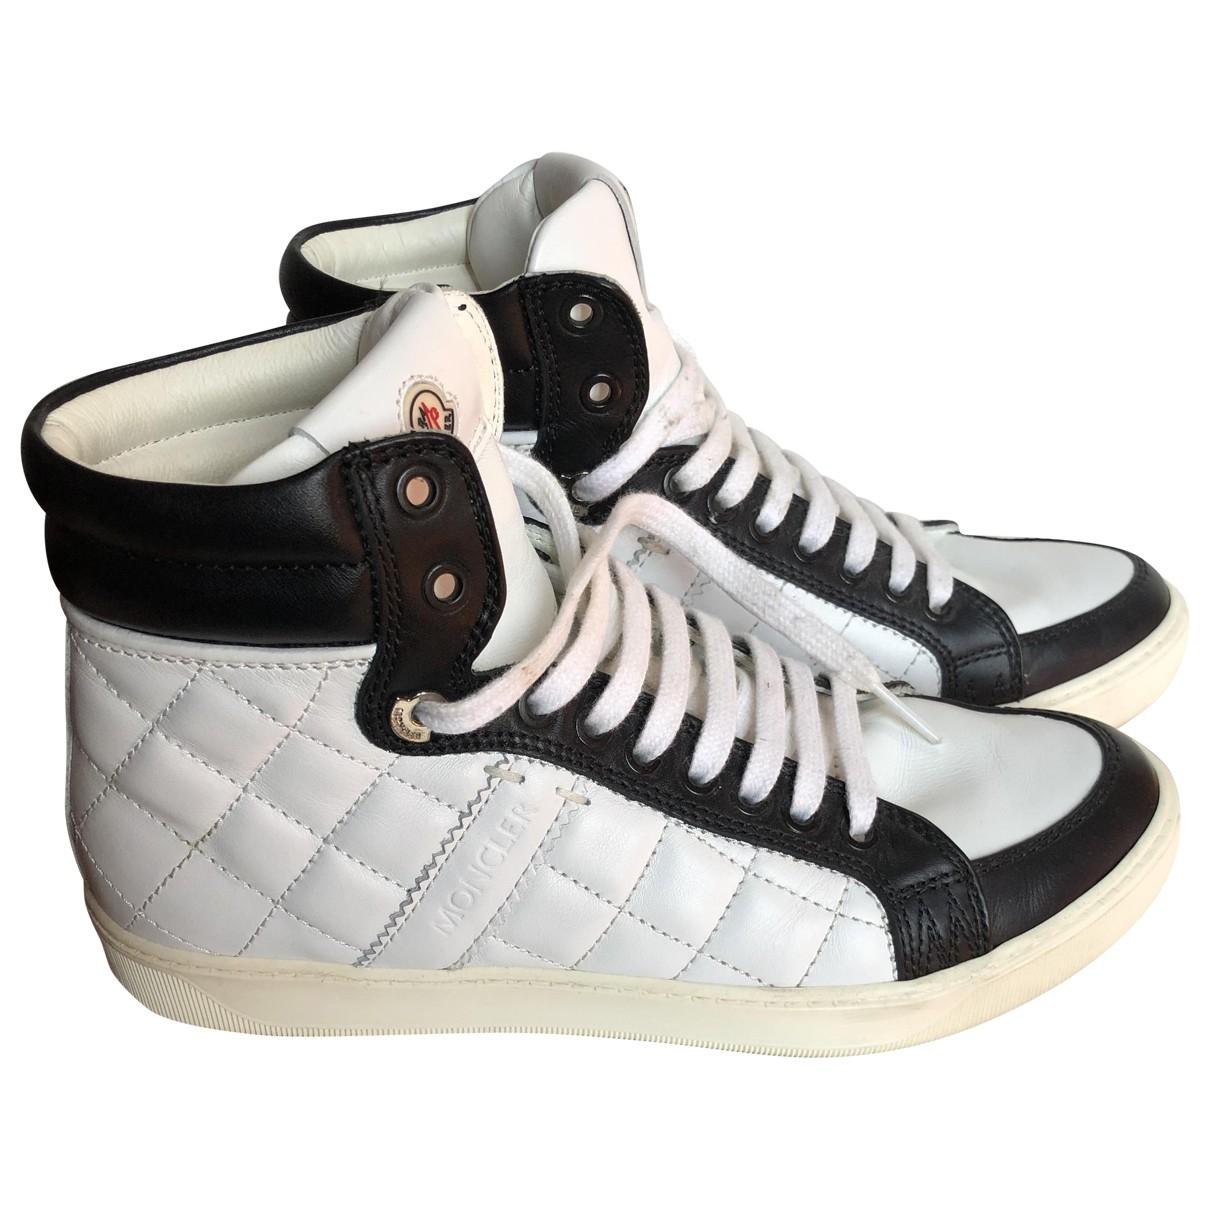 Moncler \N Sneakers in  Weiss Leder